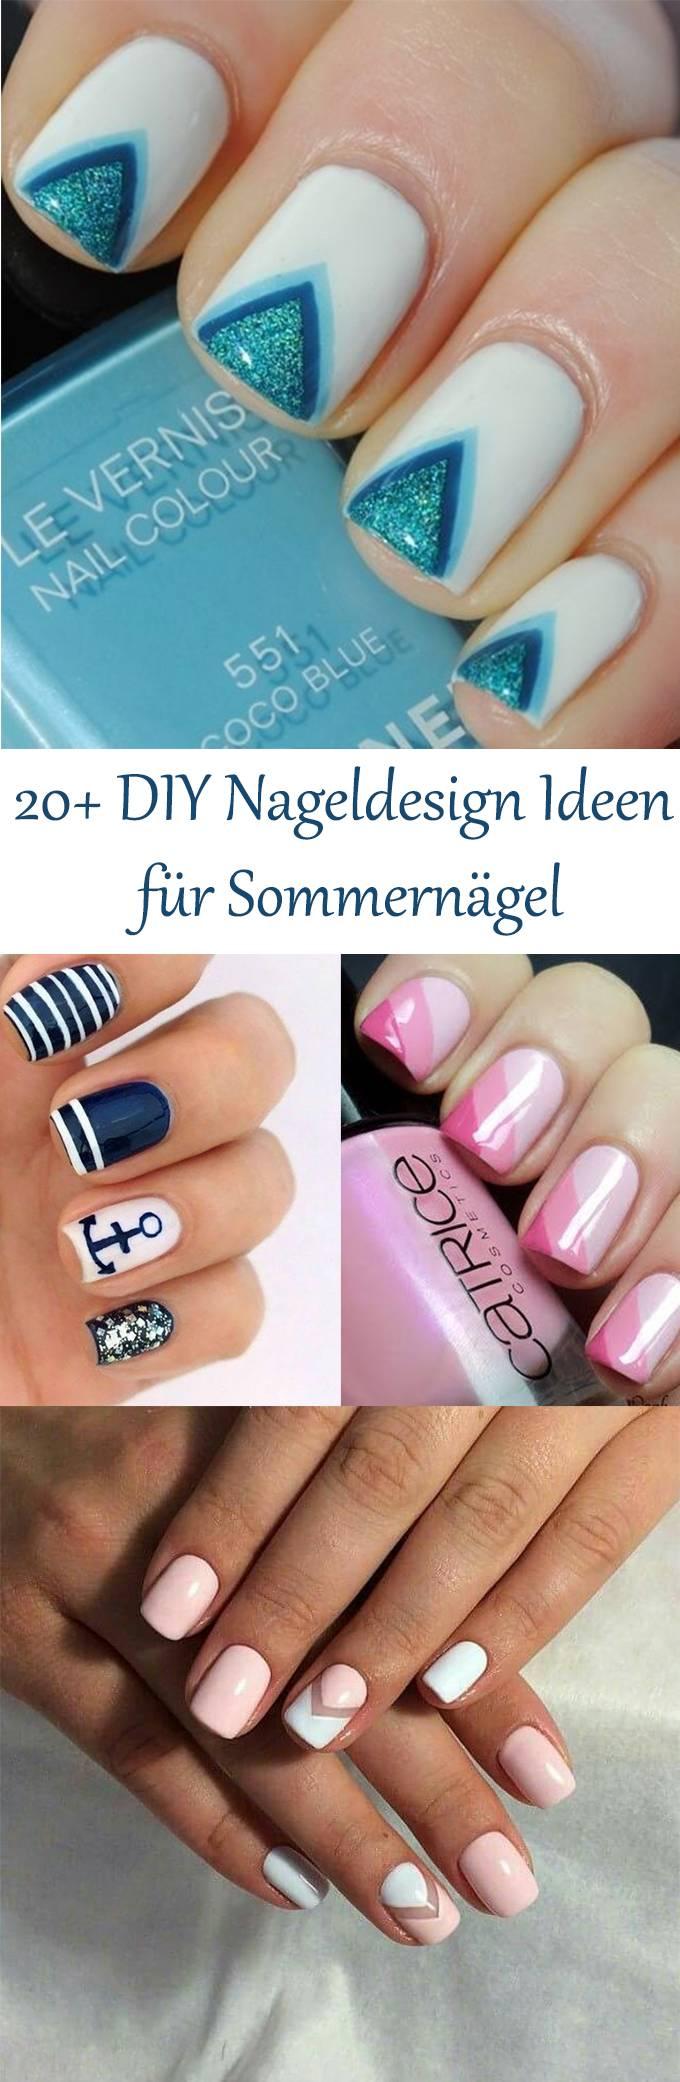 20+ DIY Nageldesign Ideen für traumhafte Sommernägel - Der Sommer ...